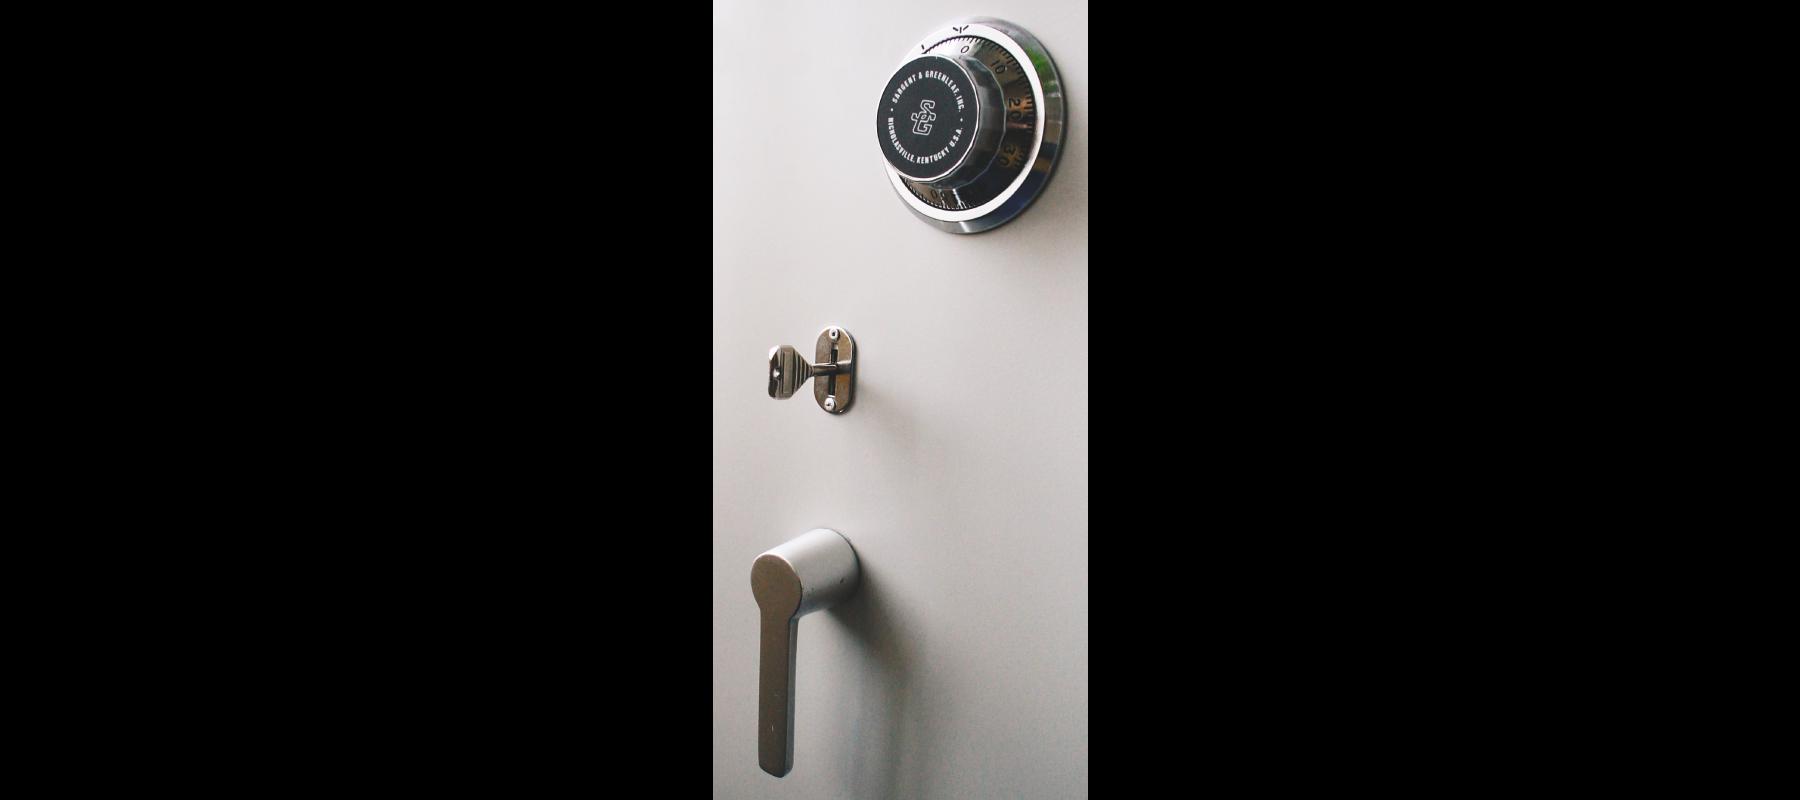 meble metalowe sejfy i szafy pancerne szafy aktowe wzmocnione mw detale - 06